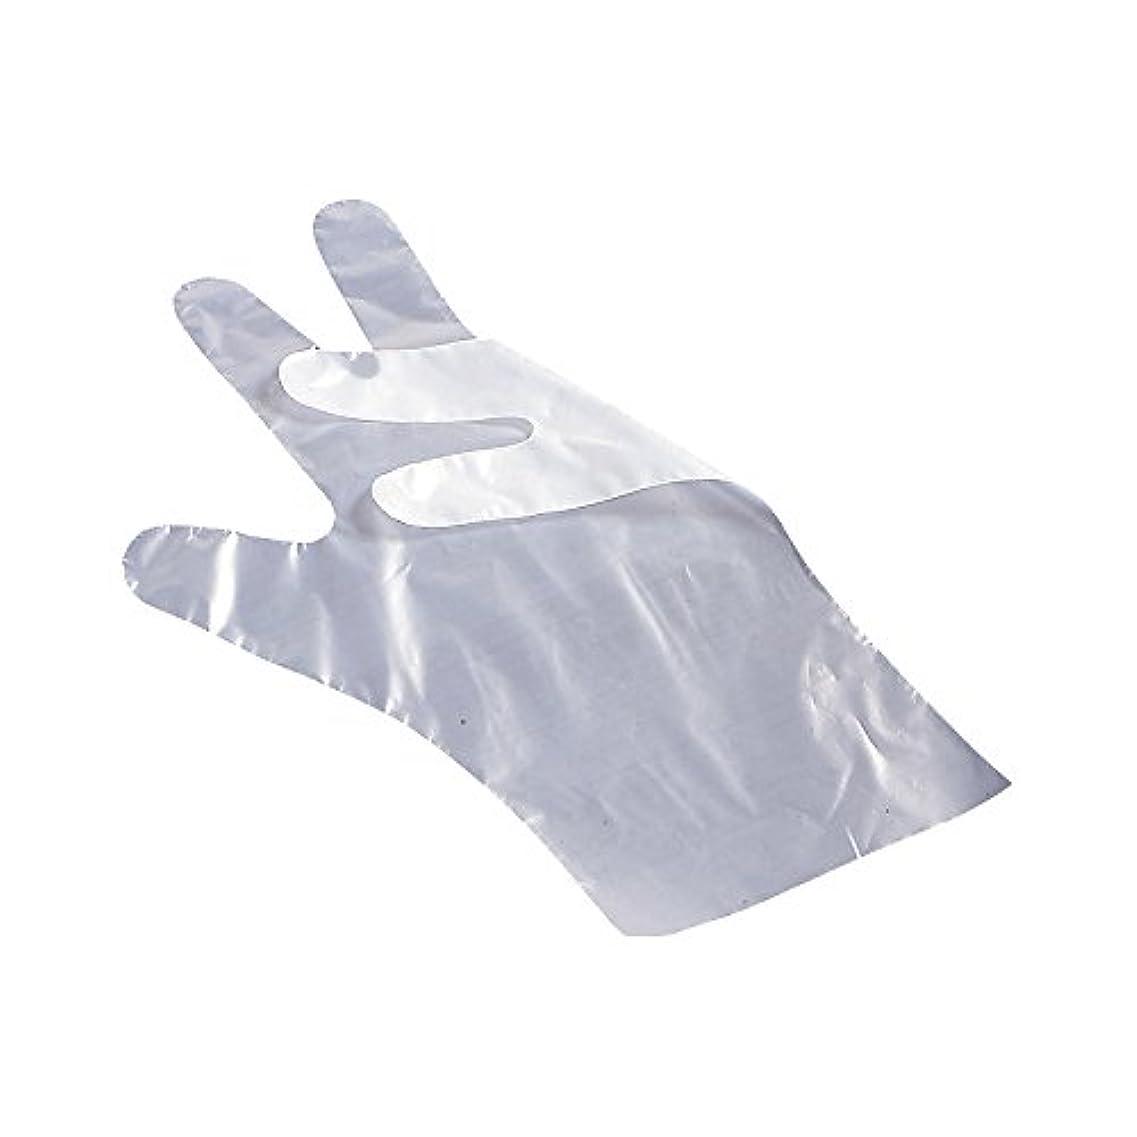 特定の隣人ステープルサクラメンエンボス手袋 デラックス 白 L 100枚入